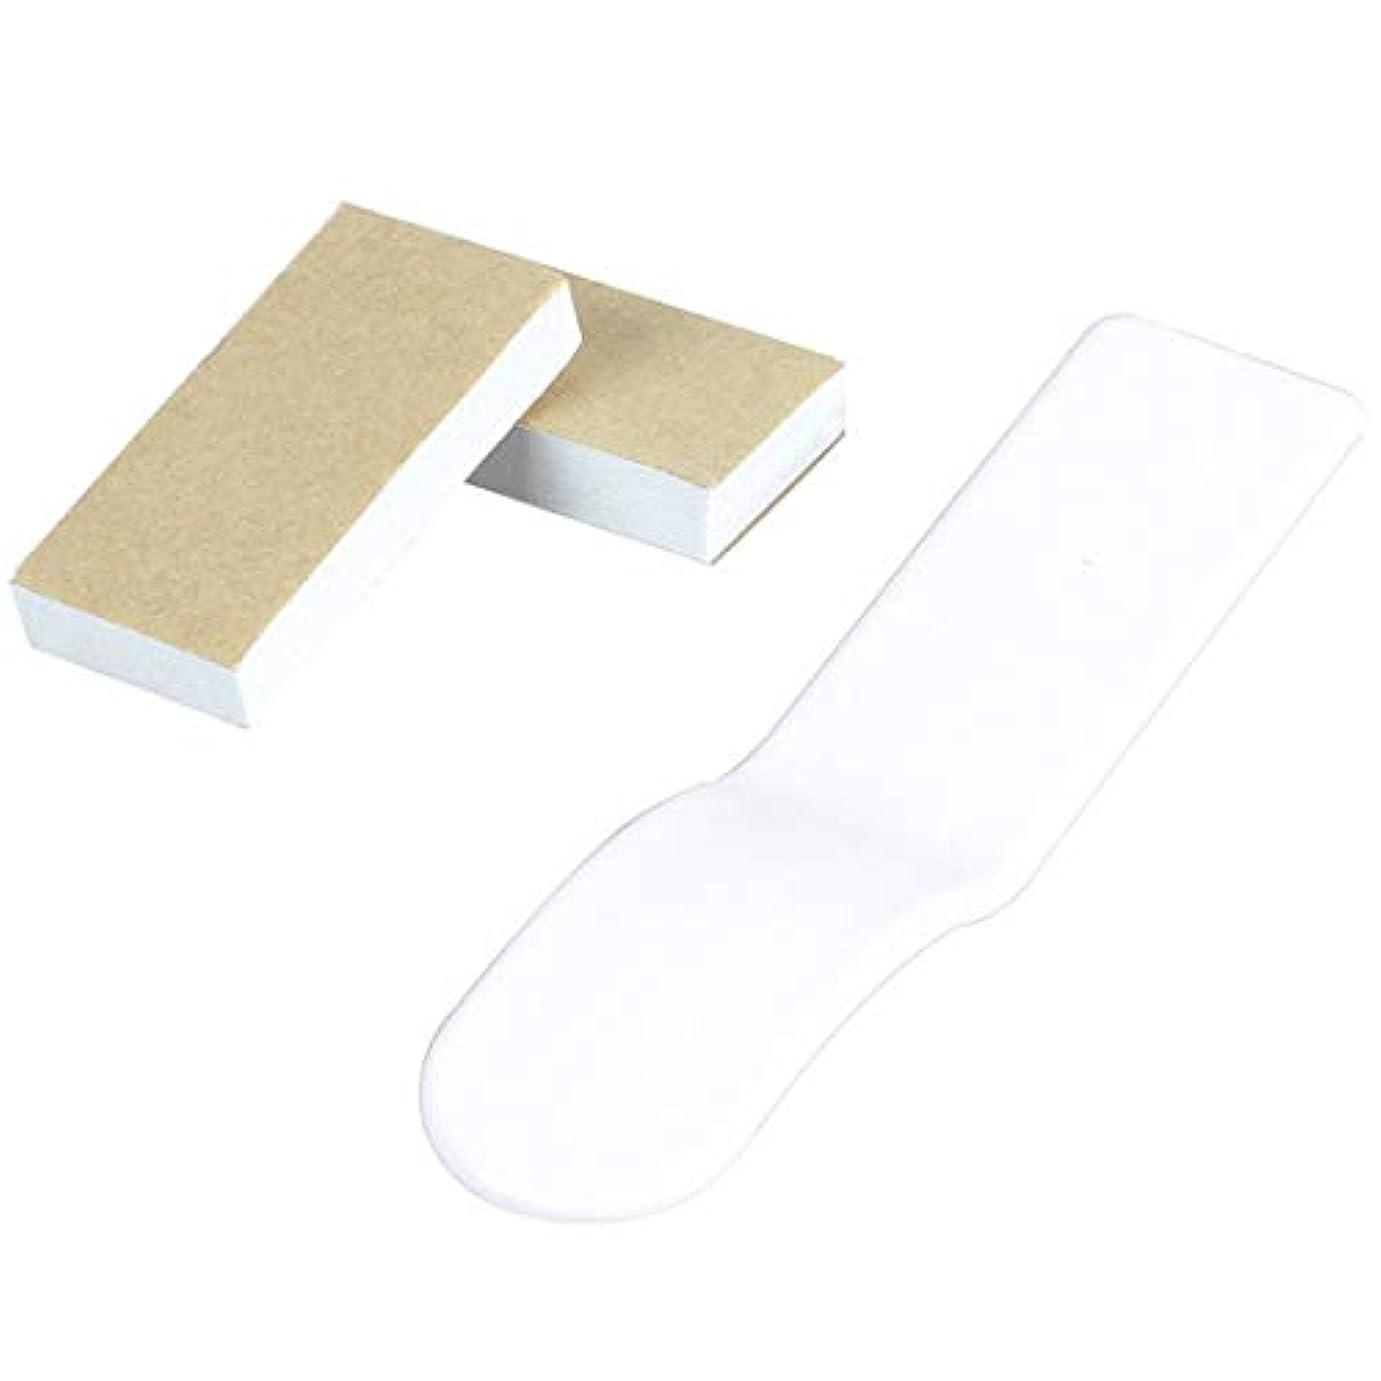 チラチラする書誌蜜Swiftgood 便座のリフター便器のパッドカバー下の蓋のハンドル衛生清潔な上げ上げ下の清潔な方法触れるのを避けてください自己粘着衛生